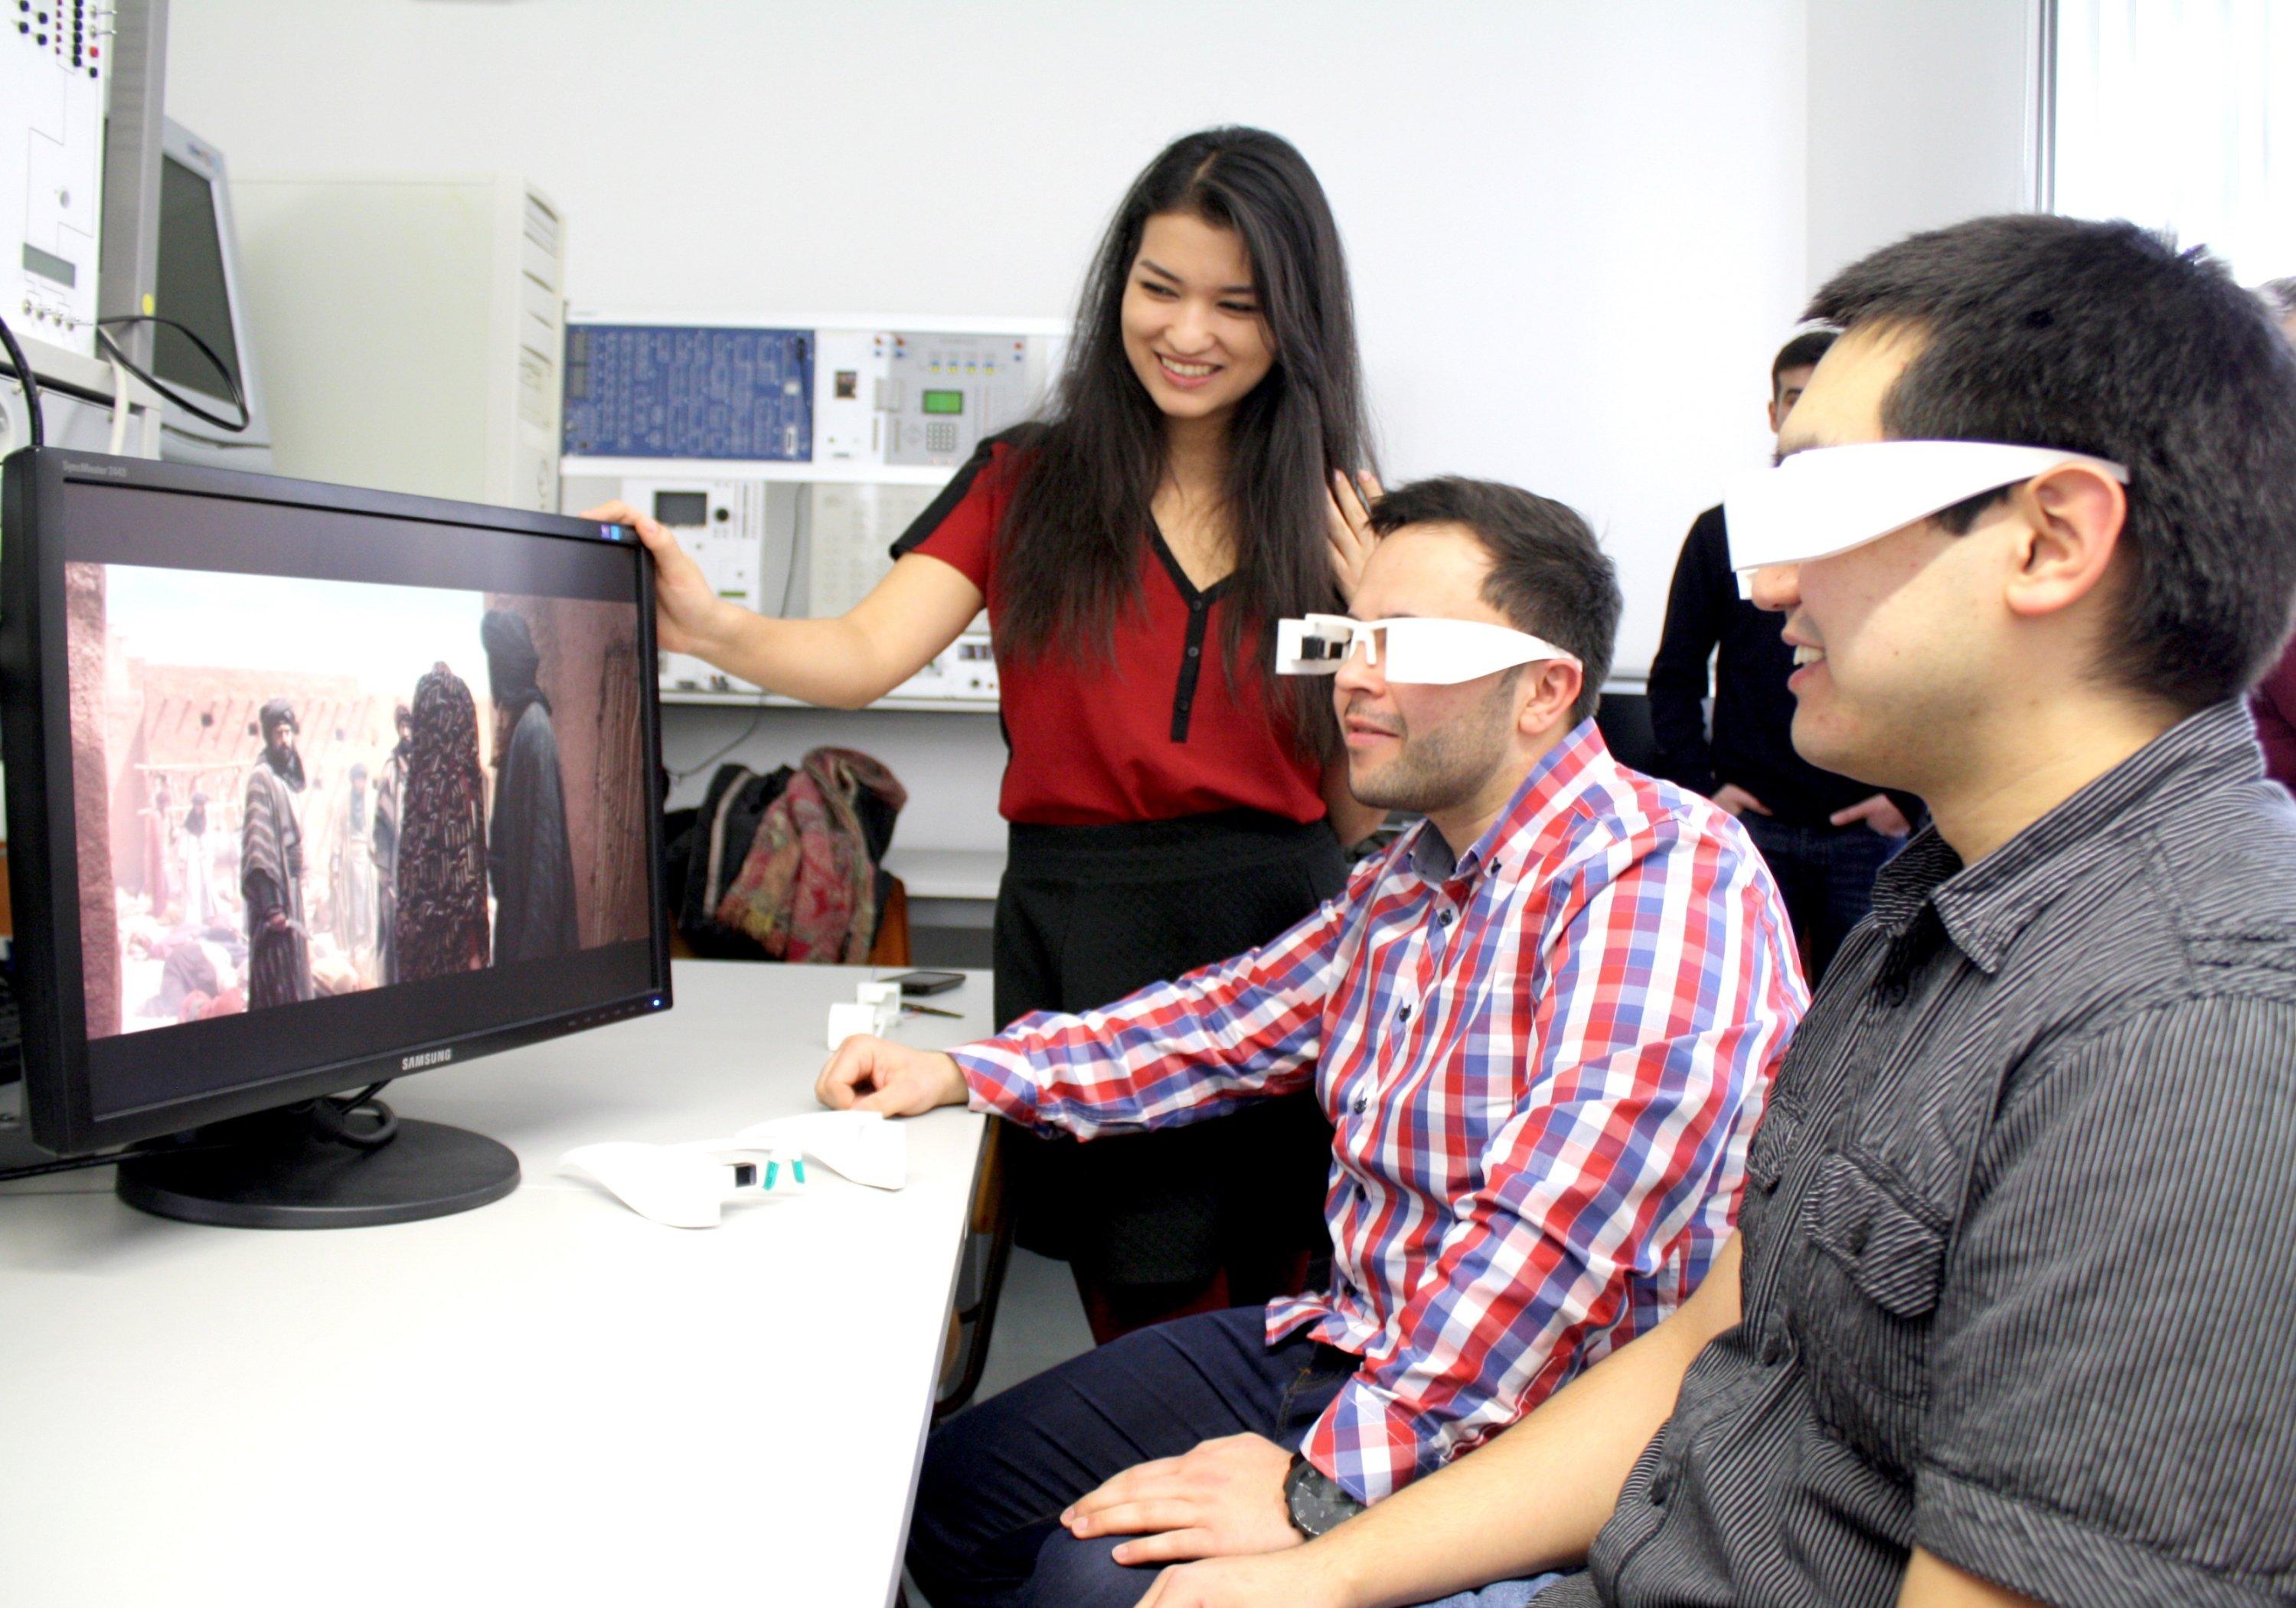 Internationale Studierende der Westsächsischen Hochschule Zwickau testen die sprachbegabte Datenbrille.